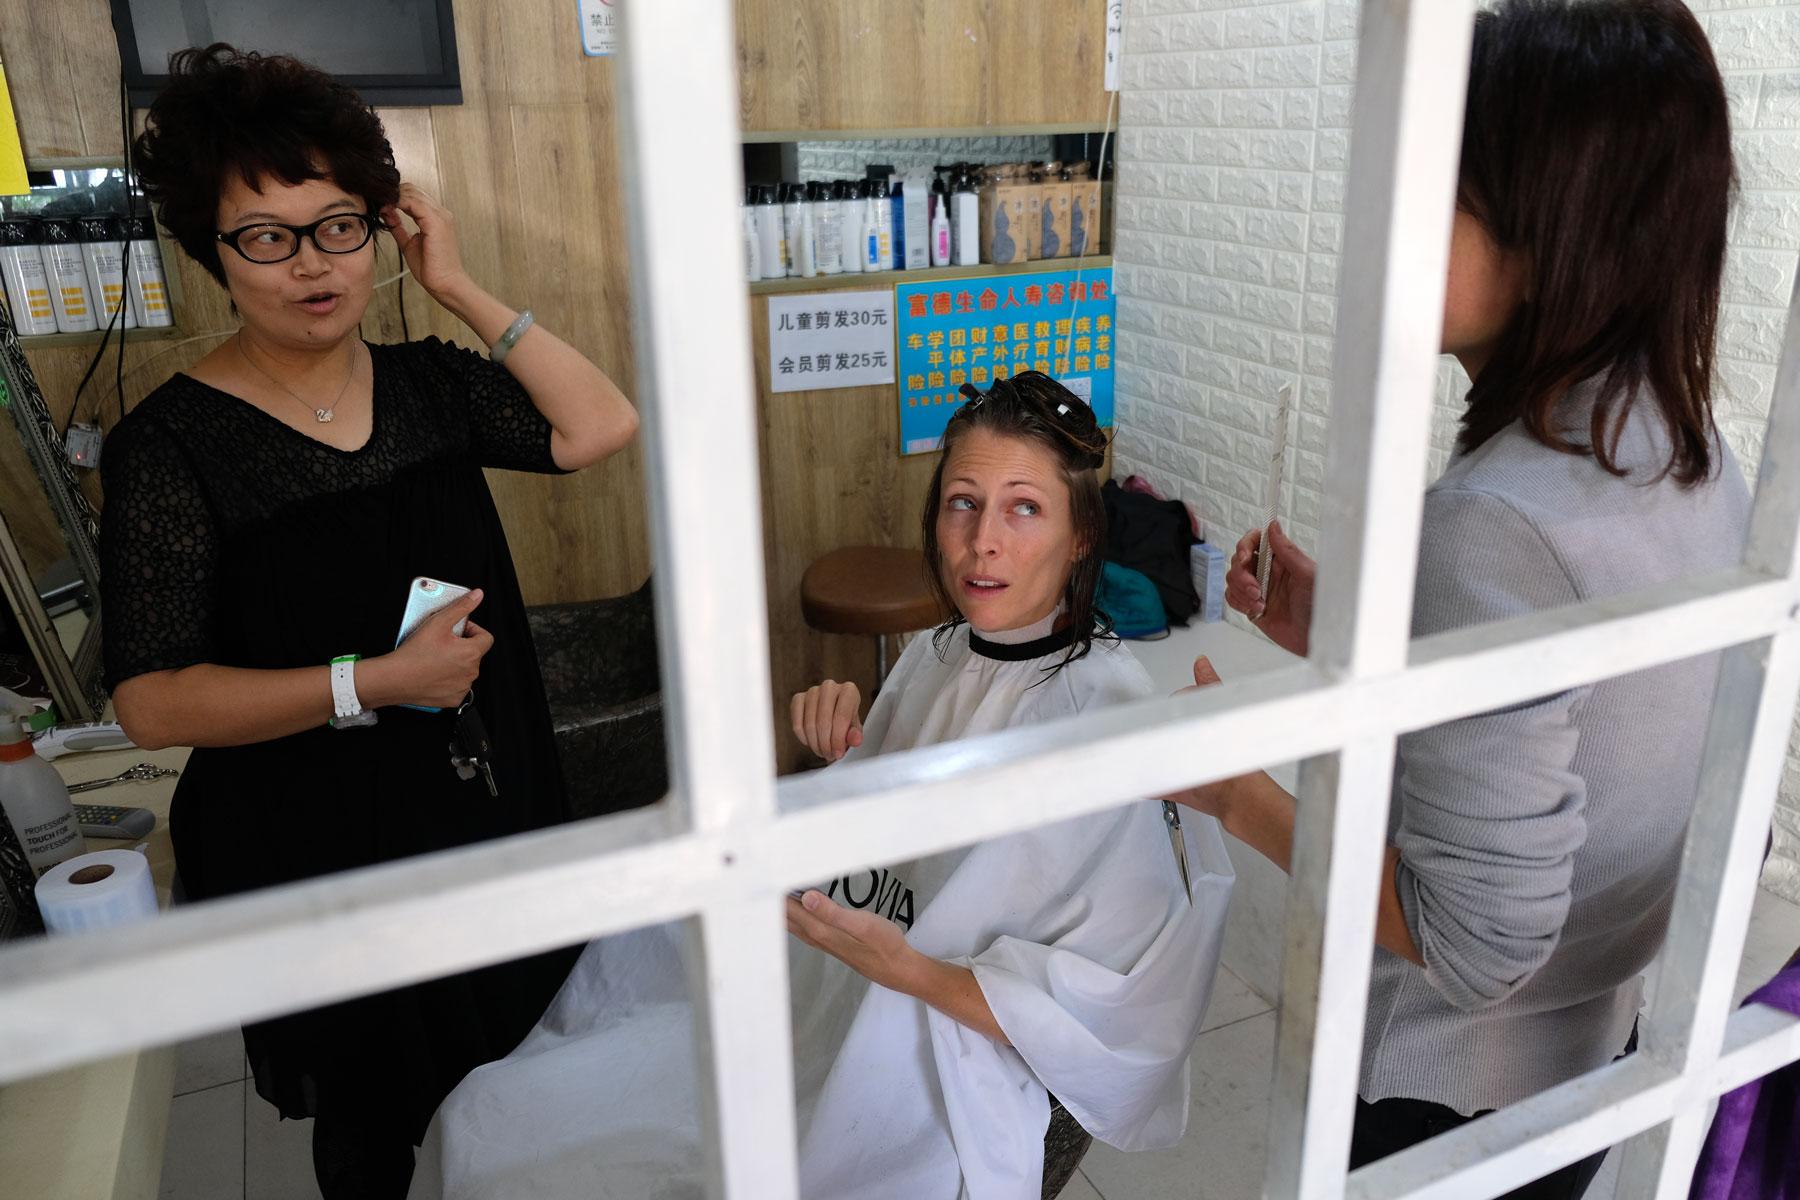 Leo und Sunny erklären der Frisörin in Qingdao in China, wie Leos Haarschnitt aussehen soll.